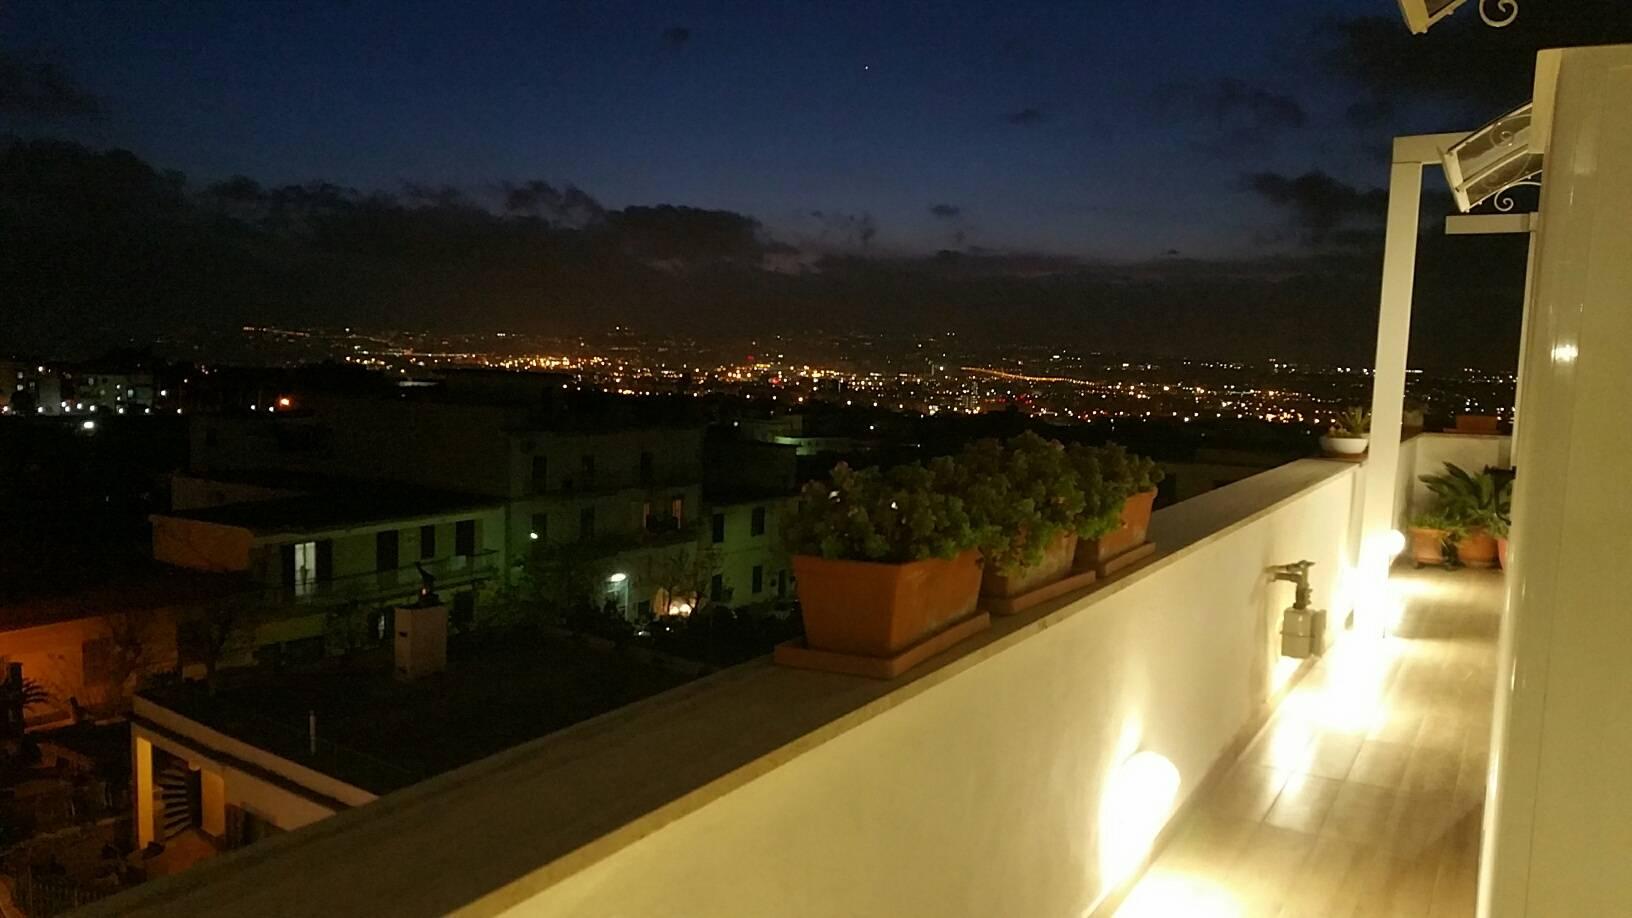 Attico / Mansarda in vendita a San Sebastiano al Vesuvio, 5 locali, prezzo € 425.000 | PortaleAgenzieImmobiliari.it